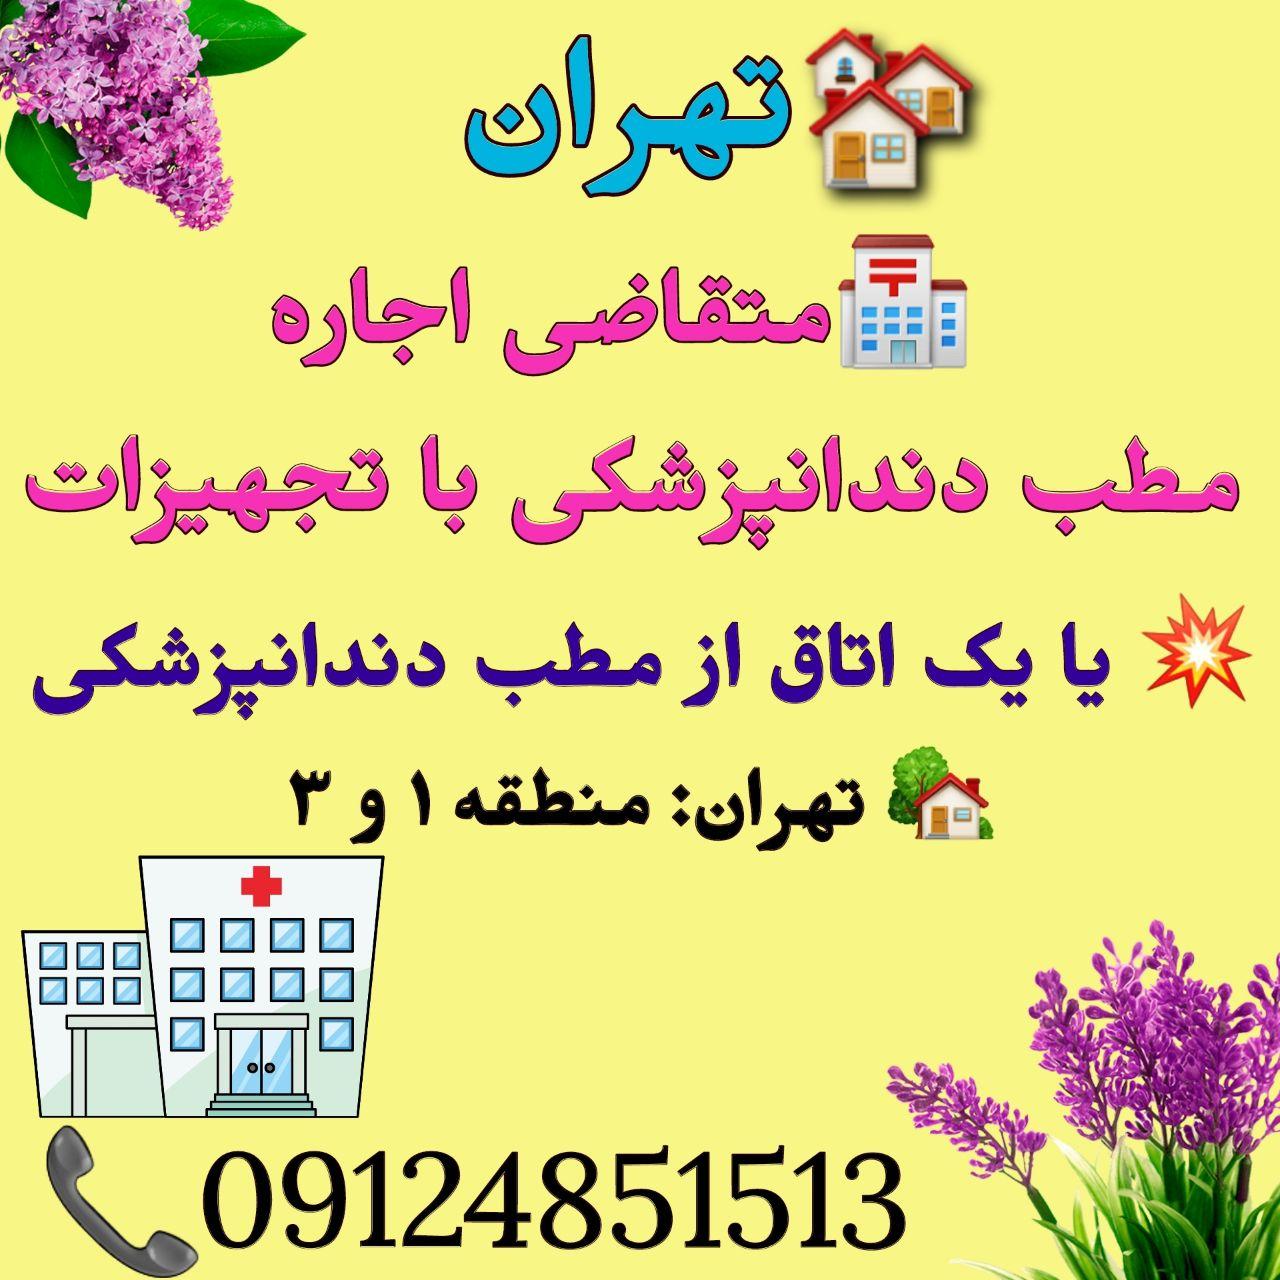 تهران: متقاضی اجاره مطب دندانپزشکی با تجهیزات